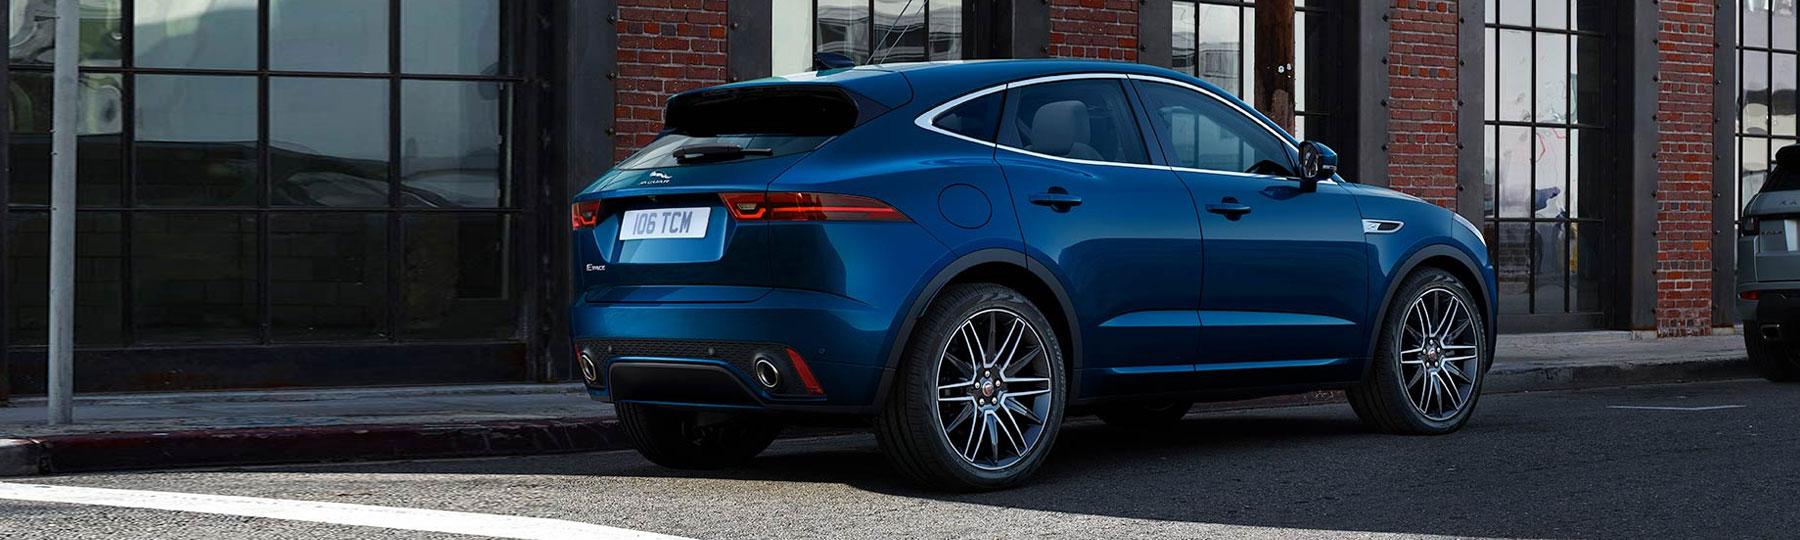 jaguar E-PACE Business Offer